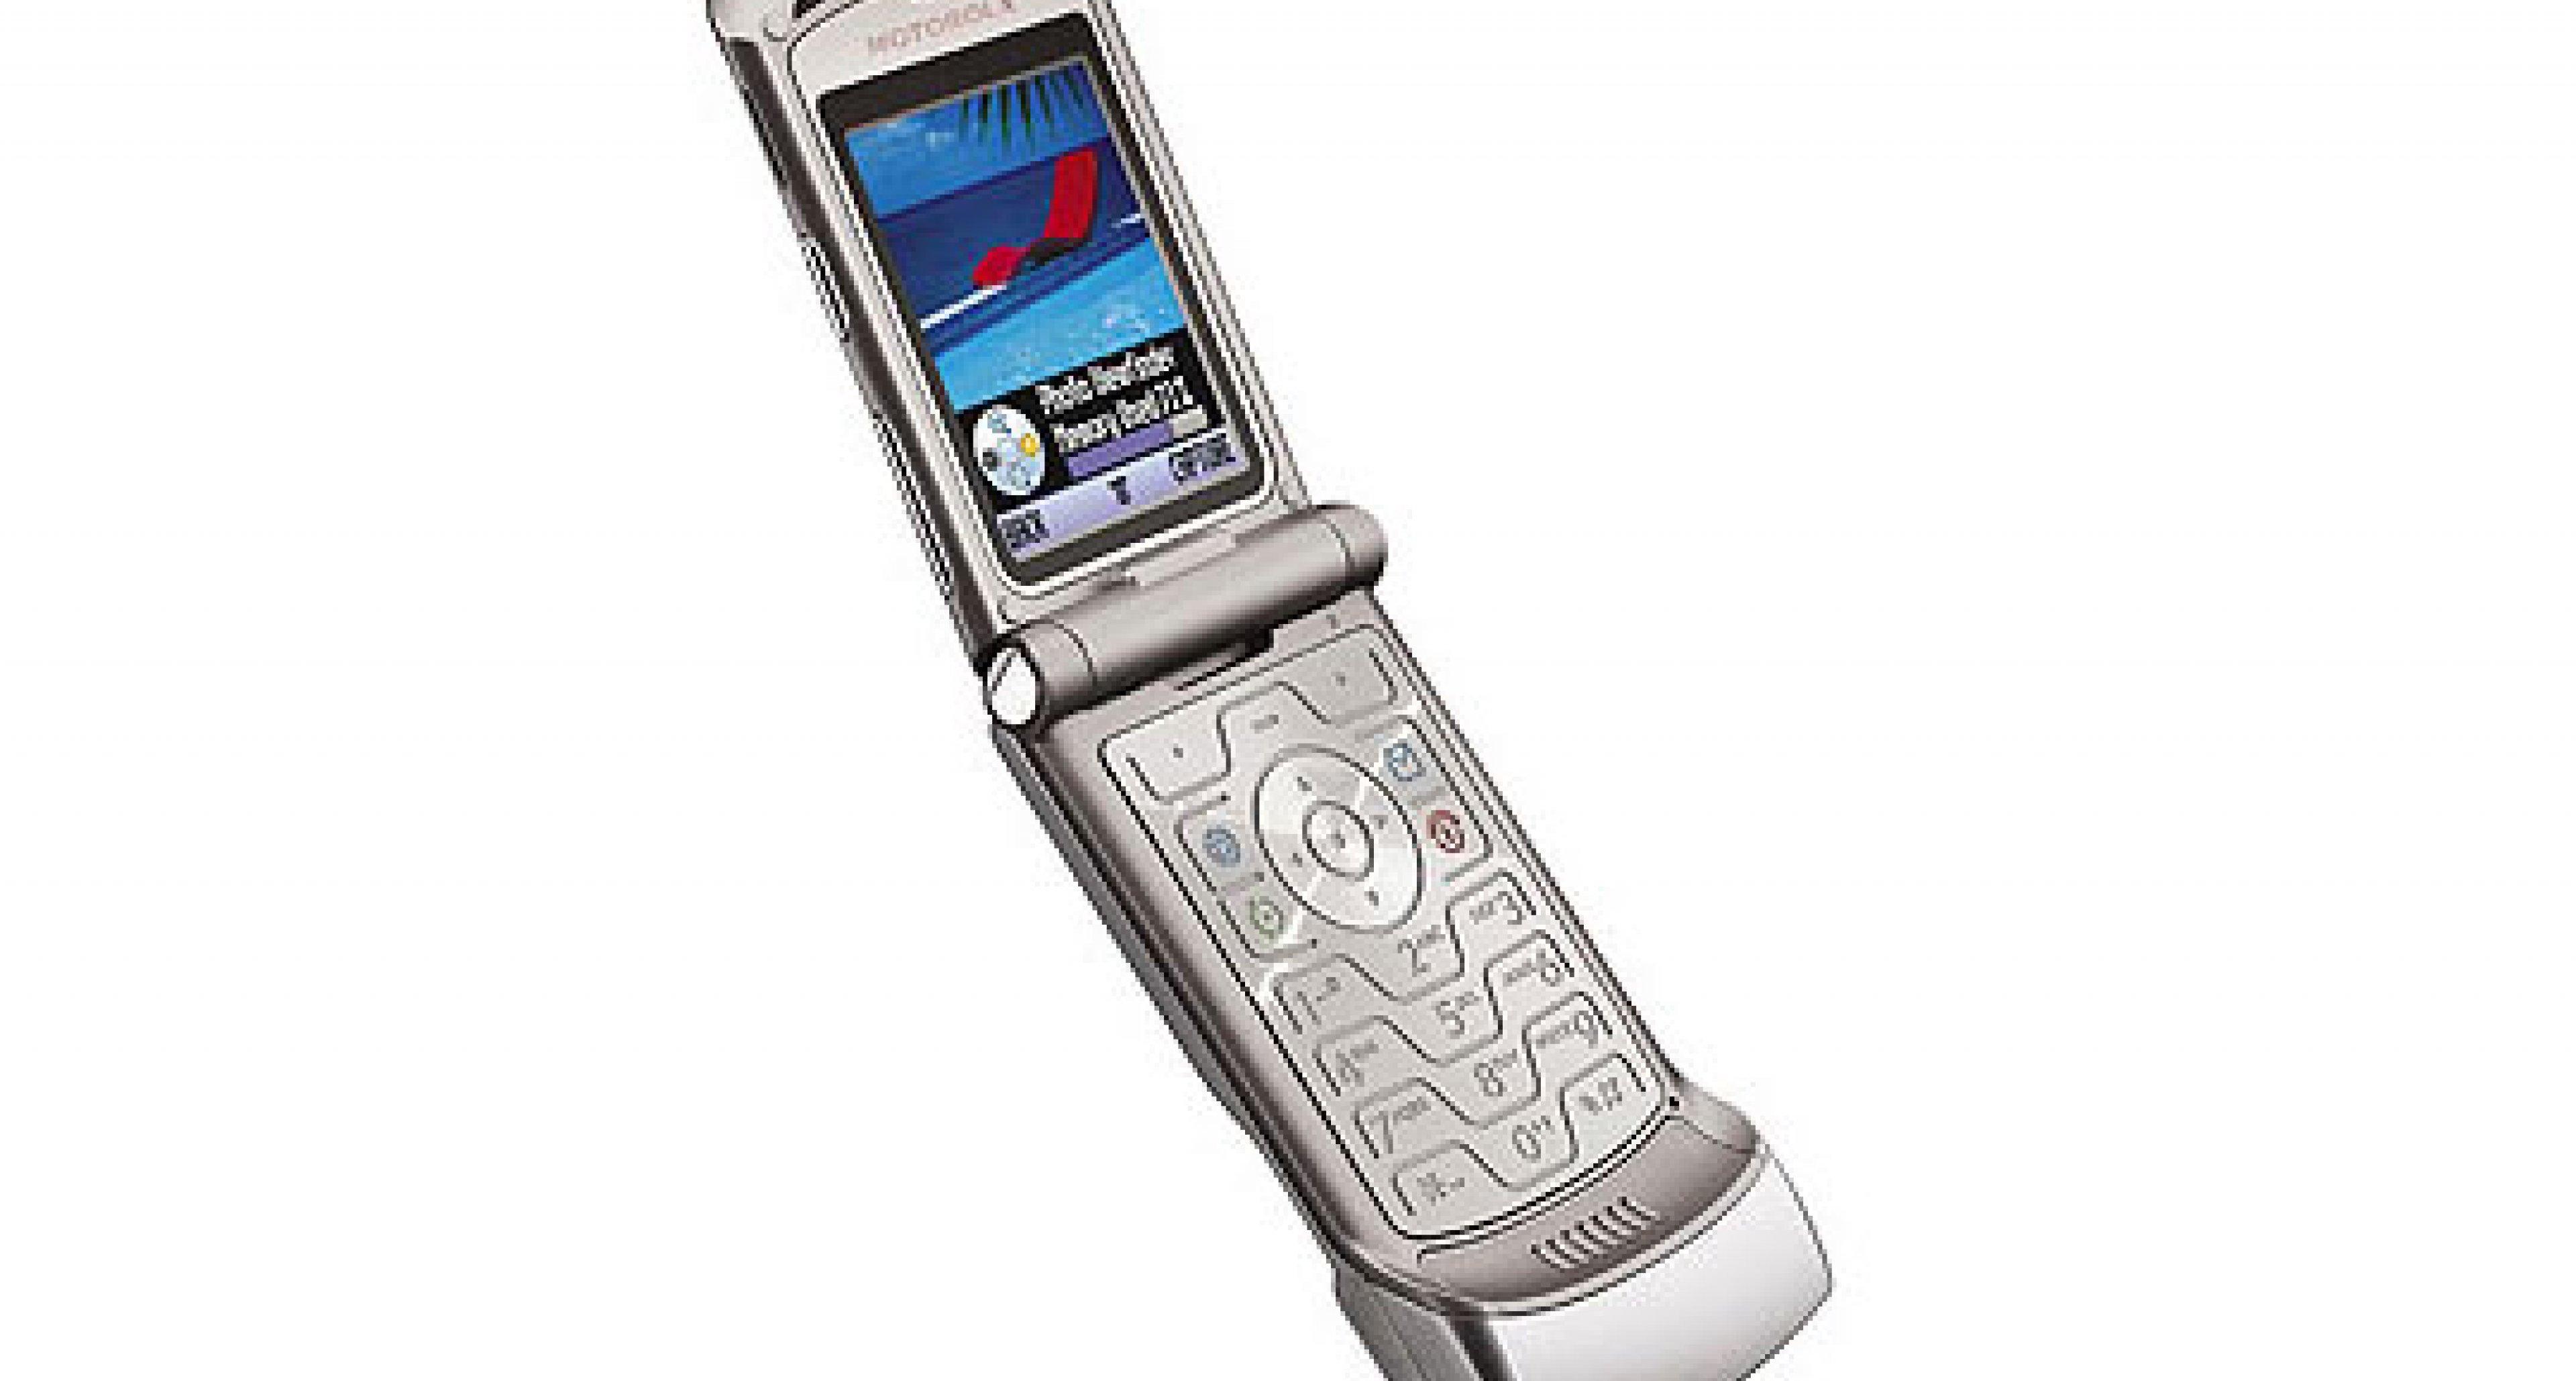 Motorola Razr V3: Flachmann